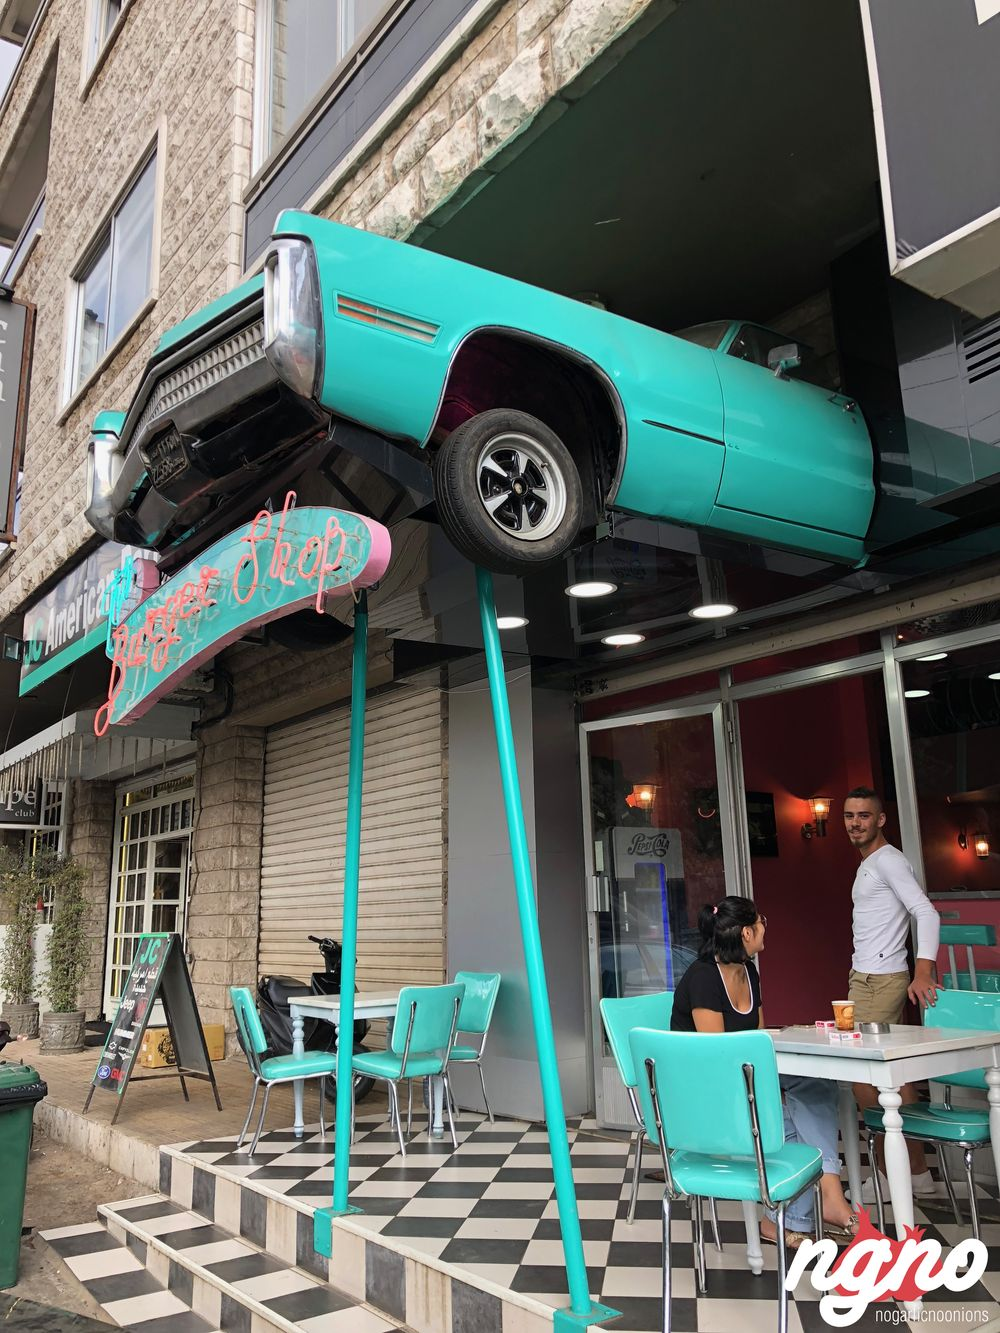 the-burger-shop-nogarlicnoonions-1022018-08-23-06-00-57